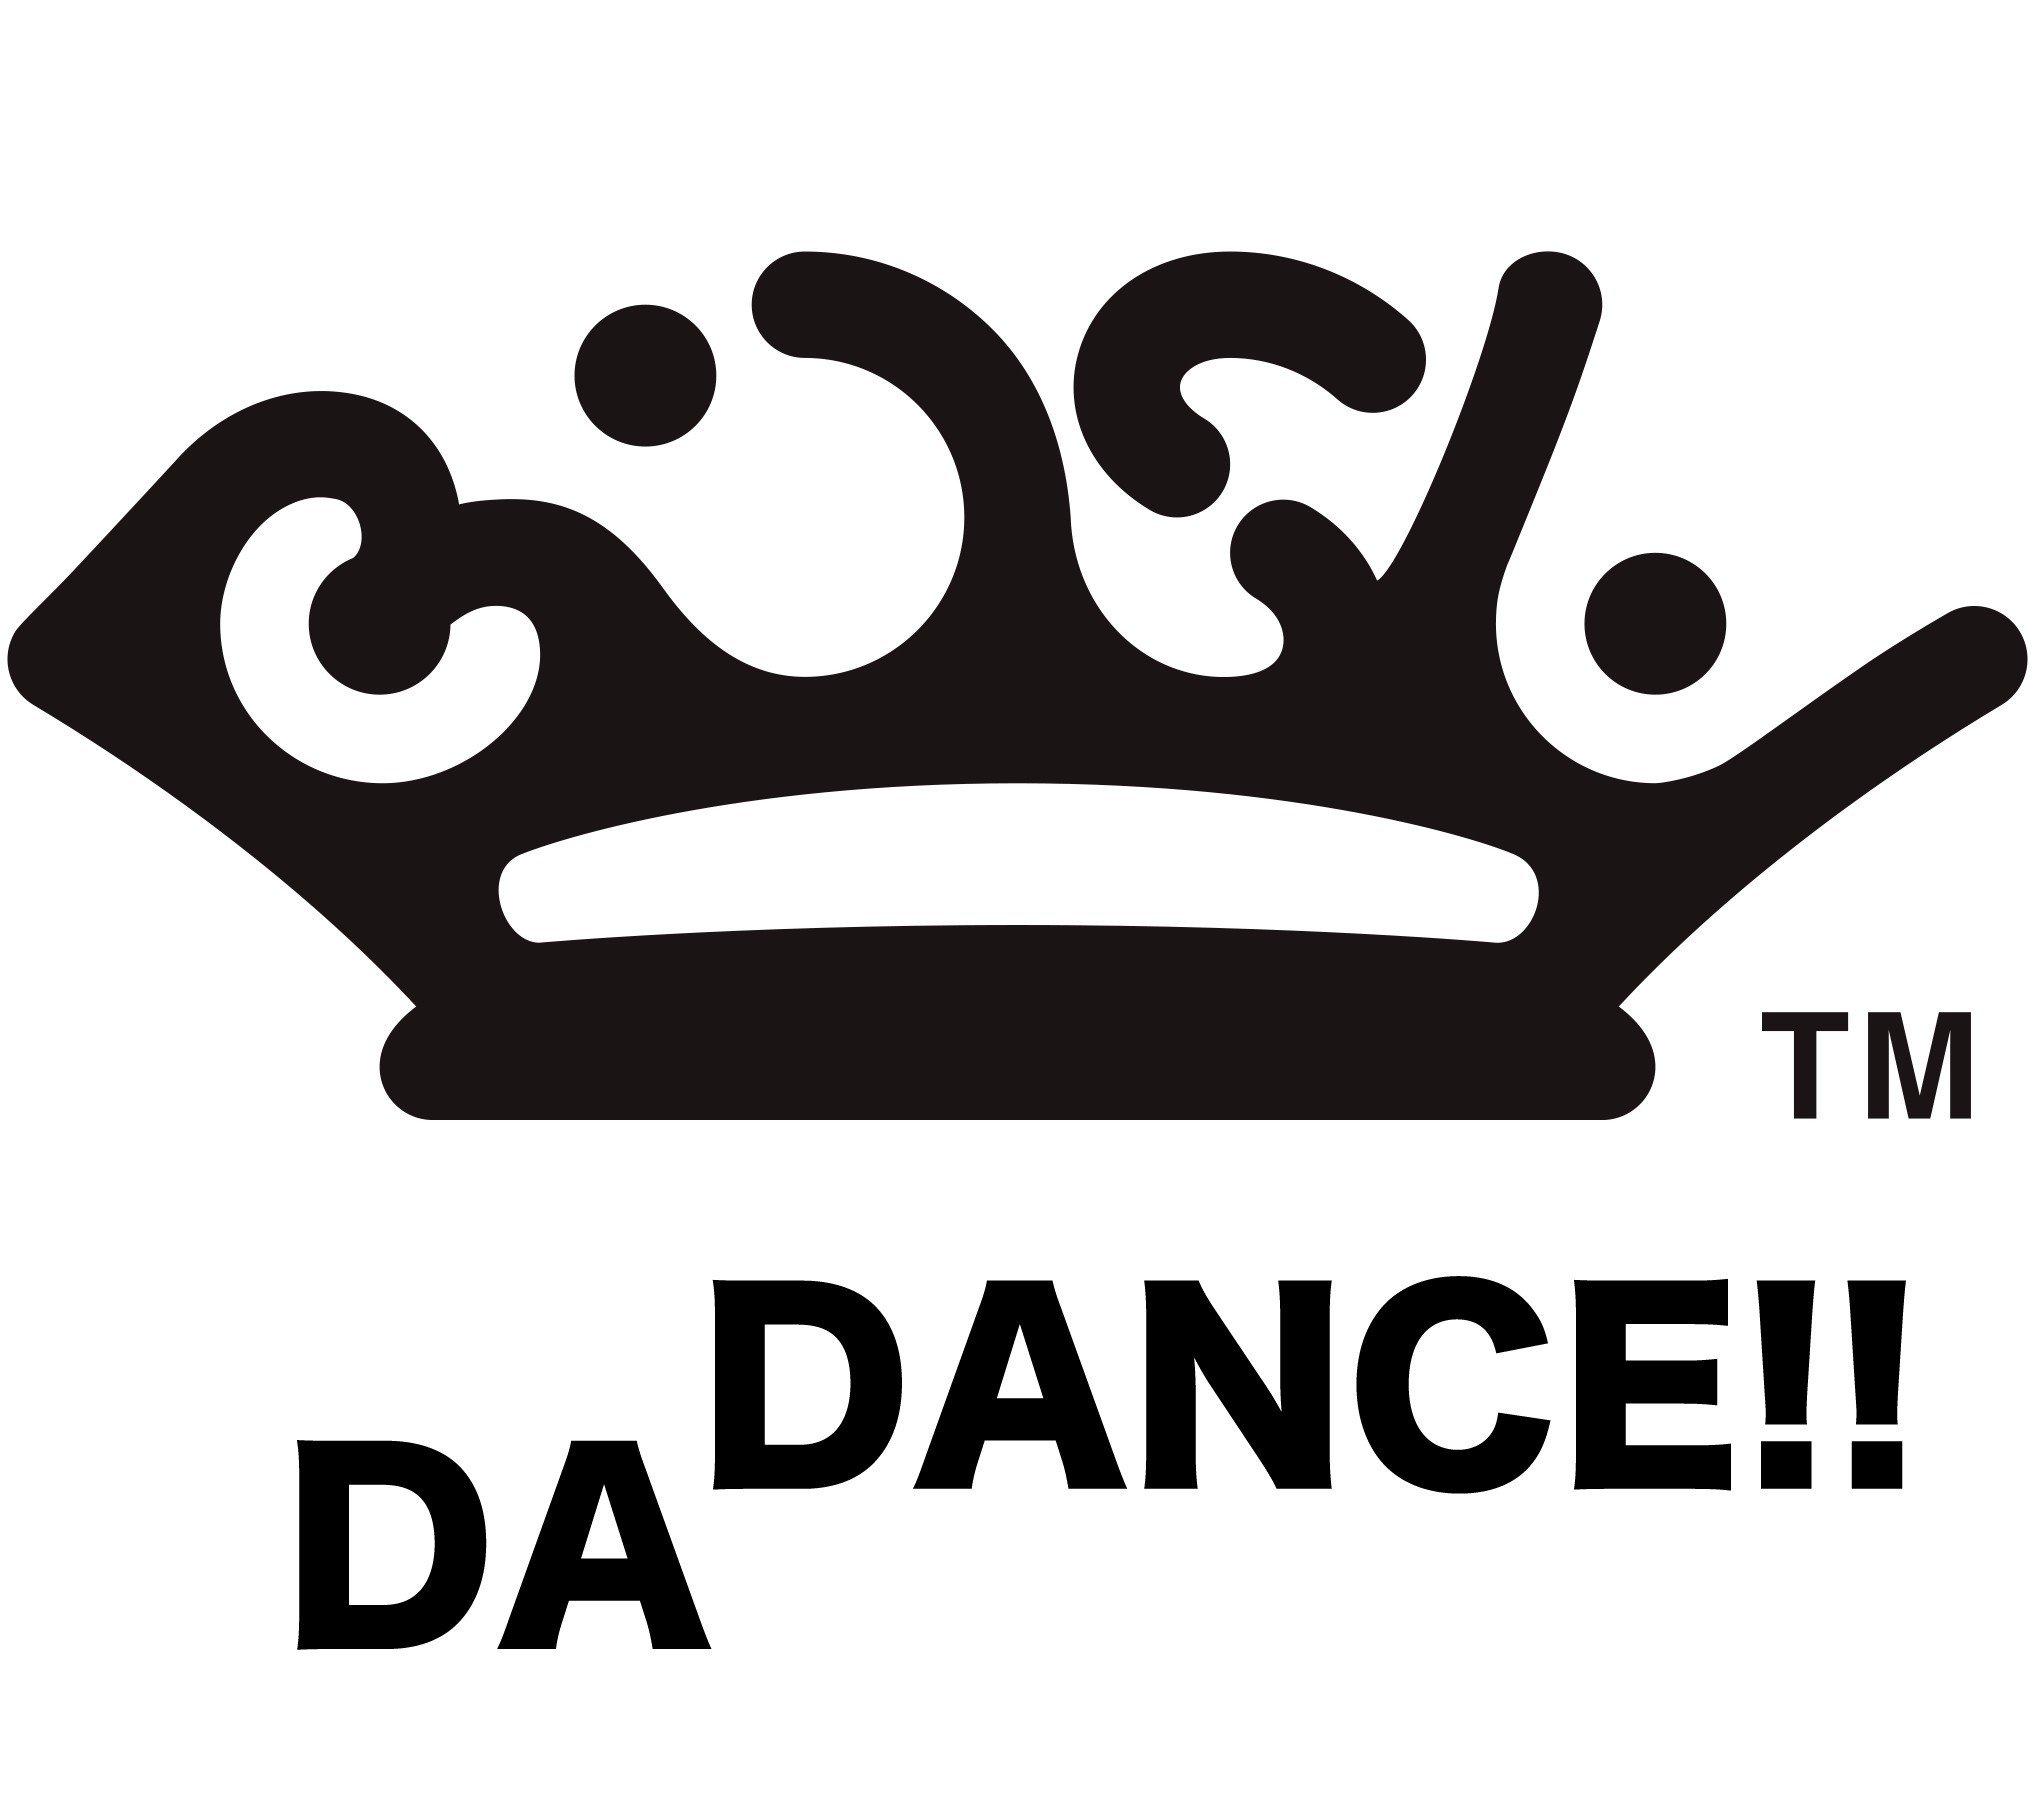 DA DANCE!!